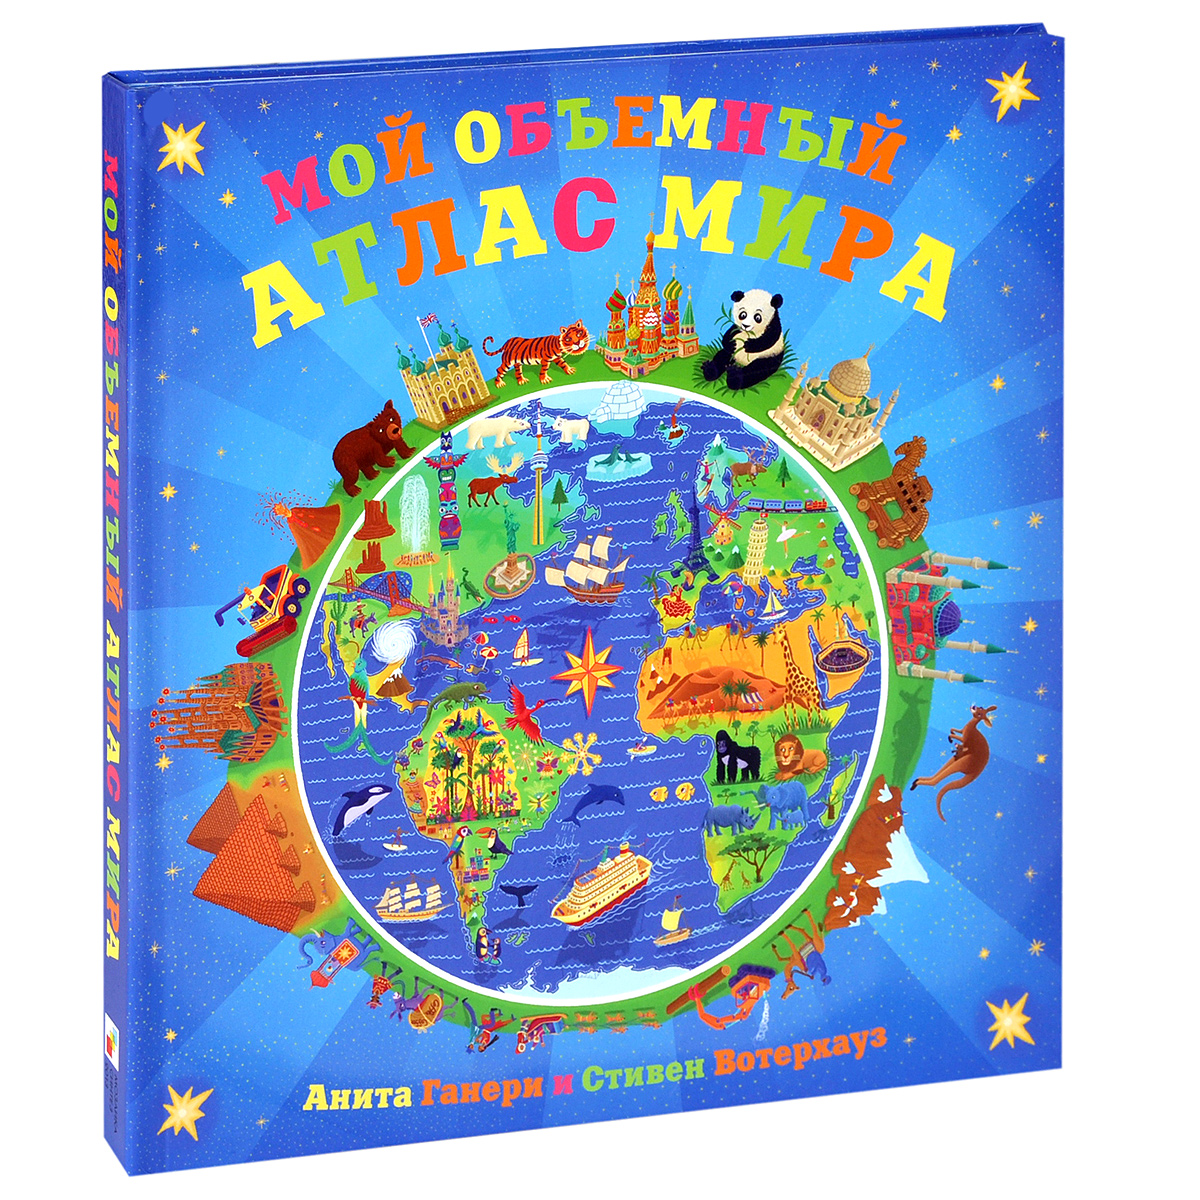 56bc663cc7217 Мой объемный атлас мира. Книга-панорама — купить в интернет-магазине OZON с быстрой  доставкой